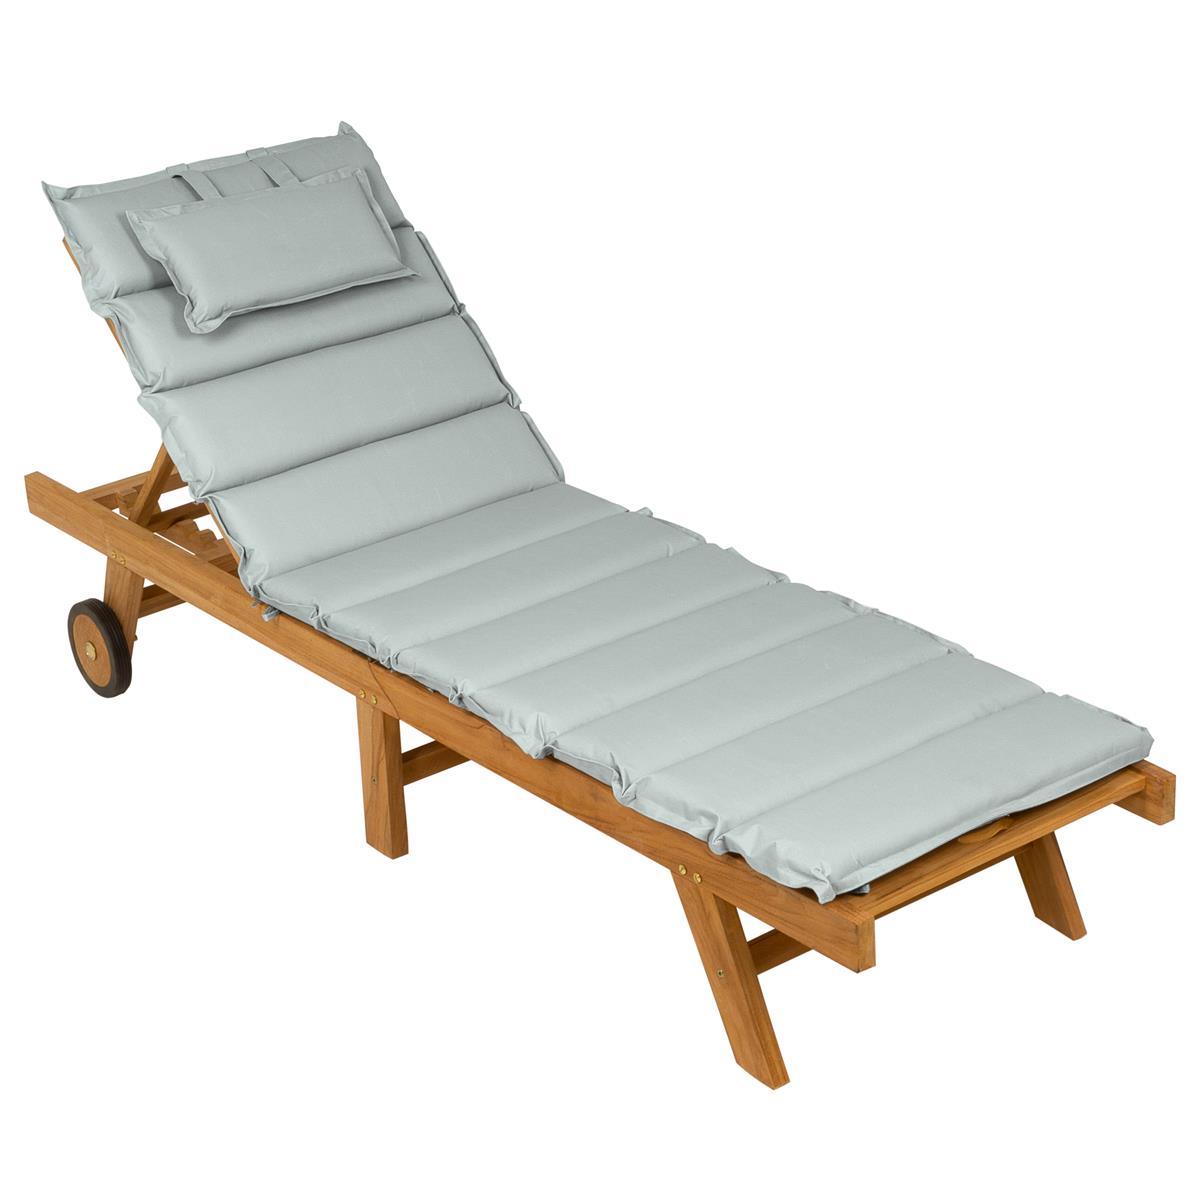 Full Size of Gartenliege Klappbar Divero Sonnenliege Teak Holz Behandelt Ausklappbares Bett Ausklappbar Wohnzimmer Gartenliege Klappbar